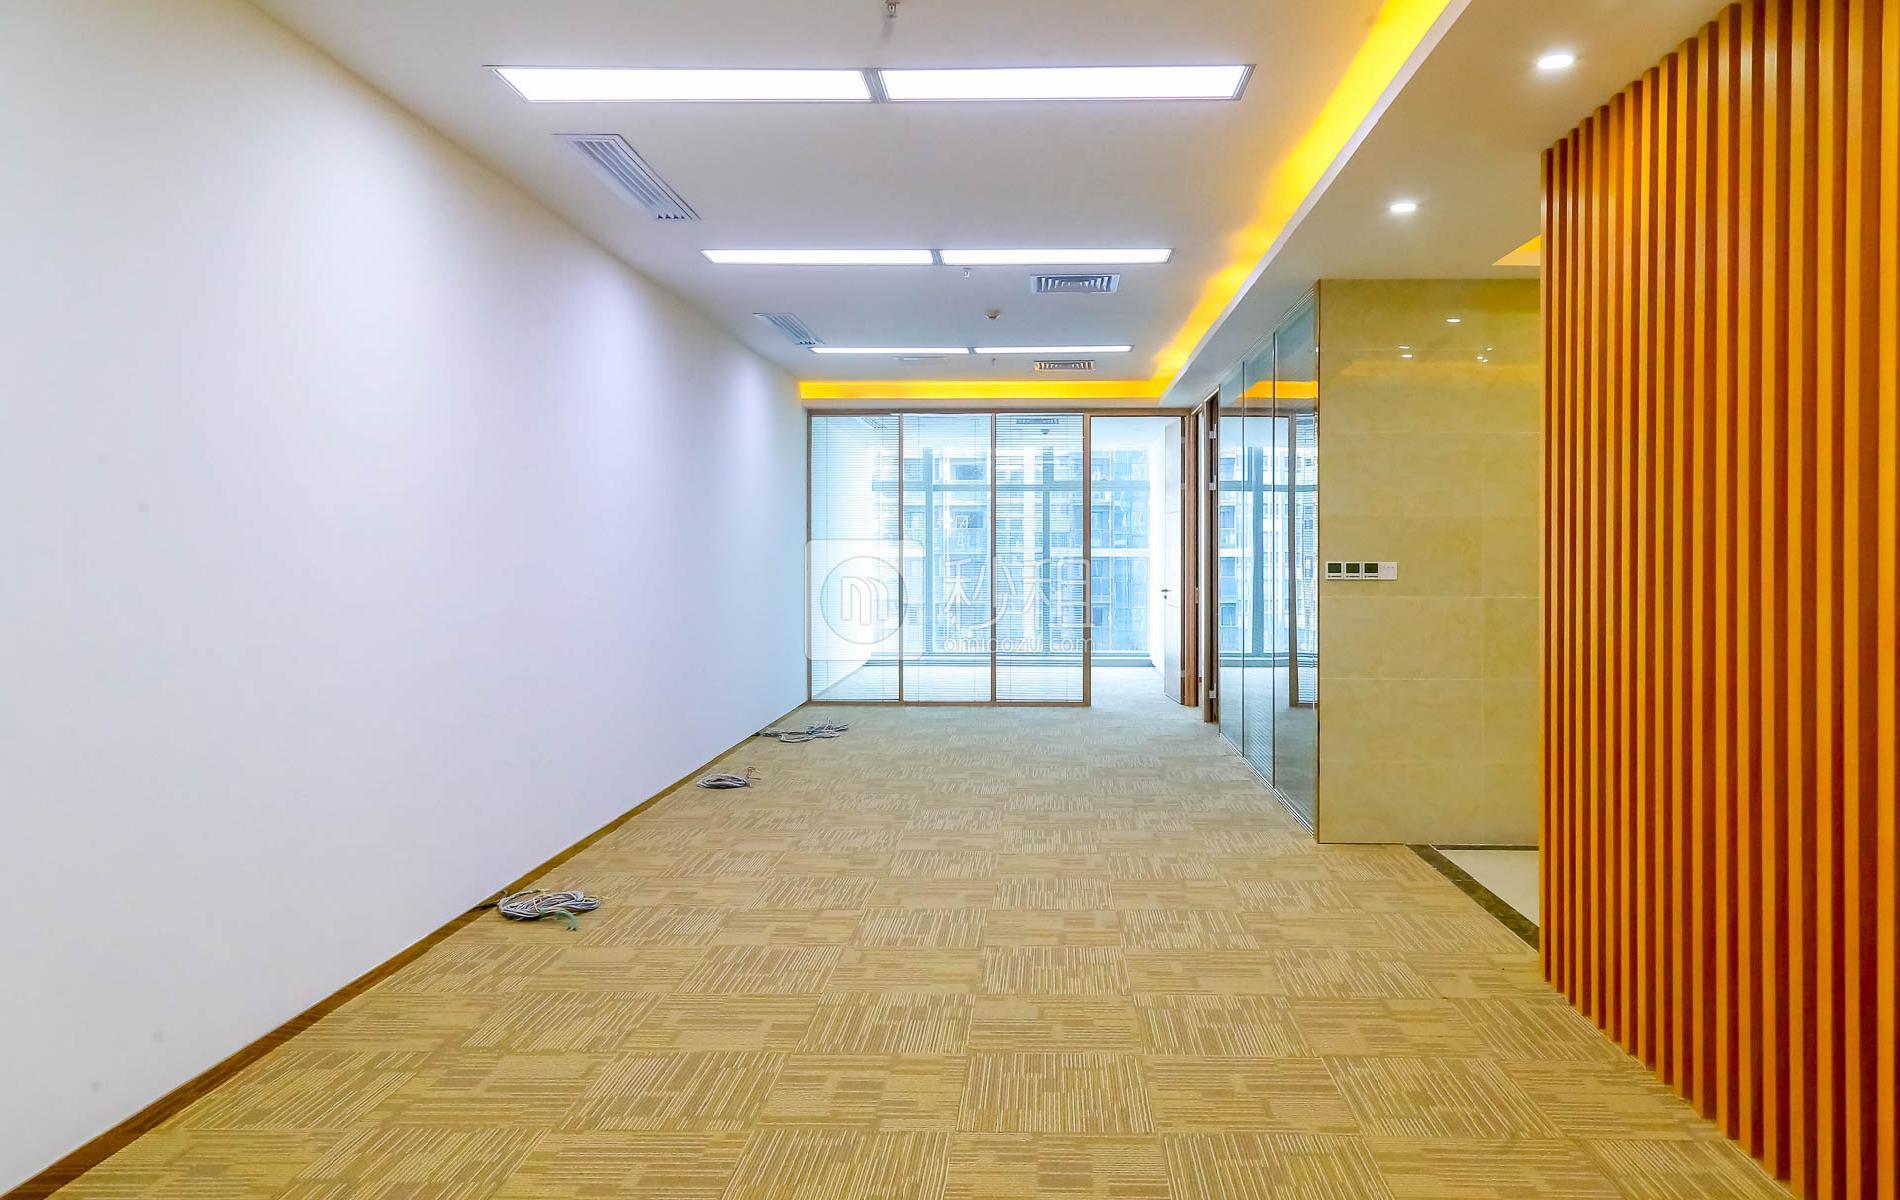 福田-梅林 卓越城(二期) 188m²